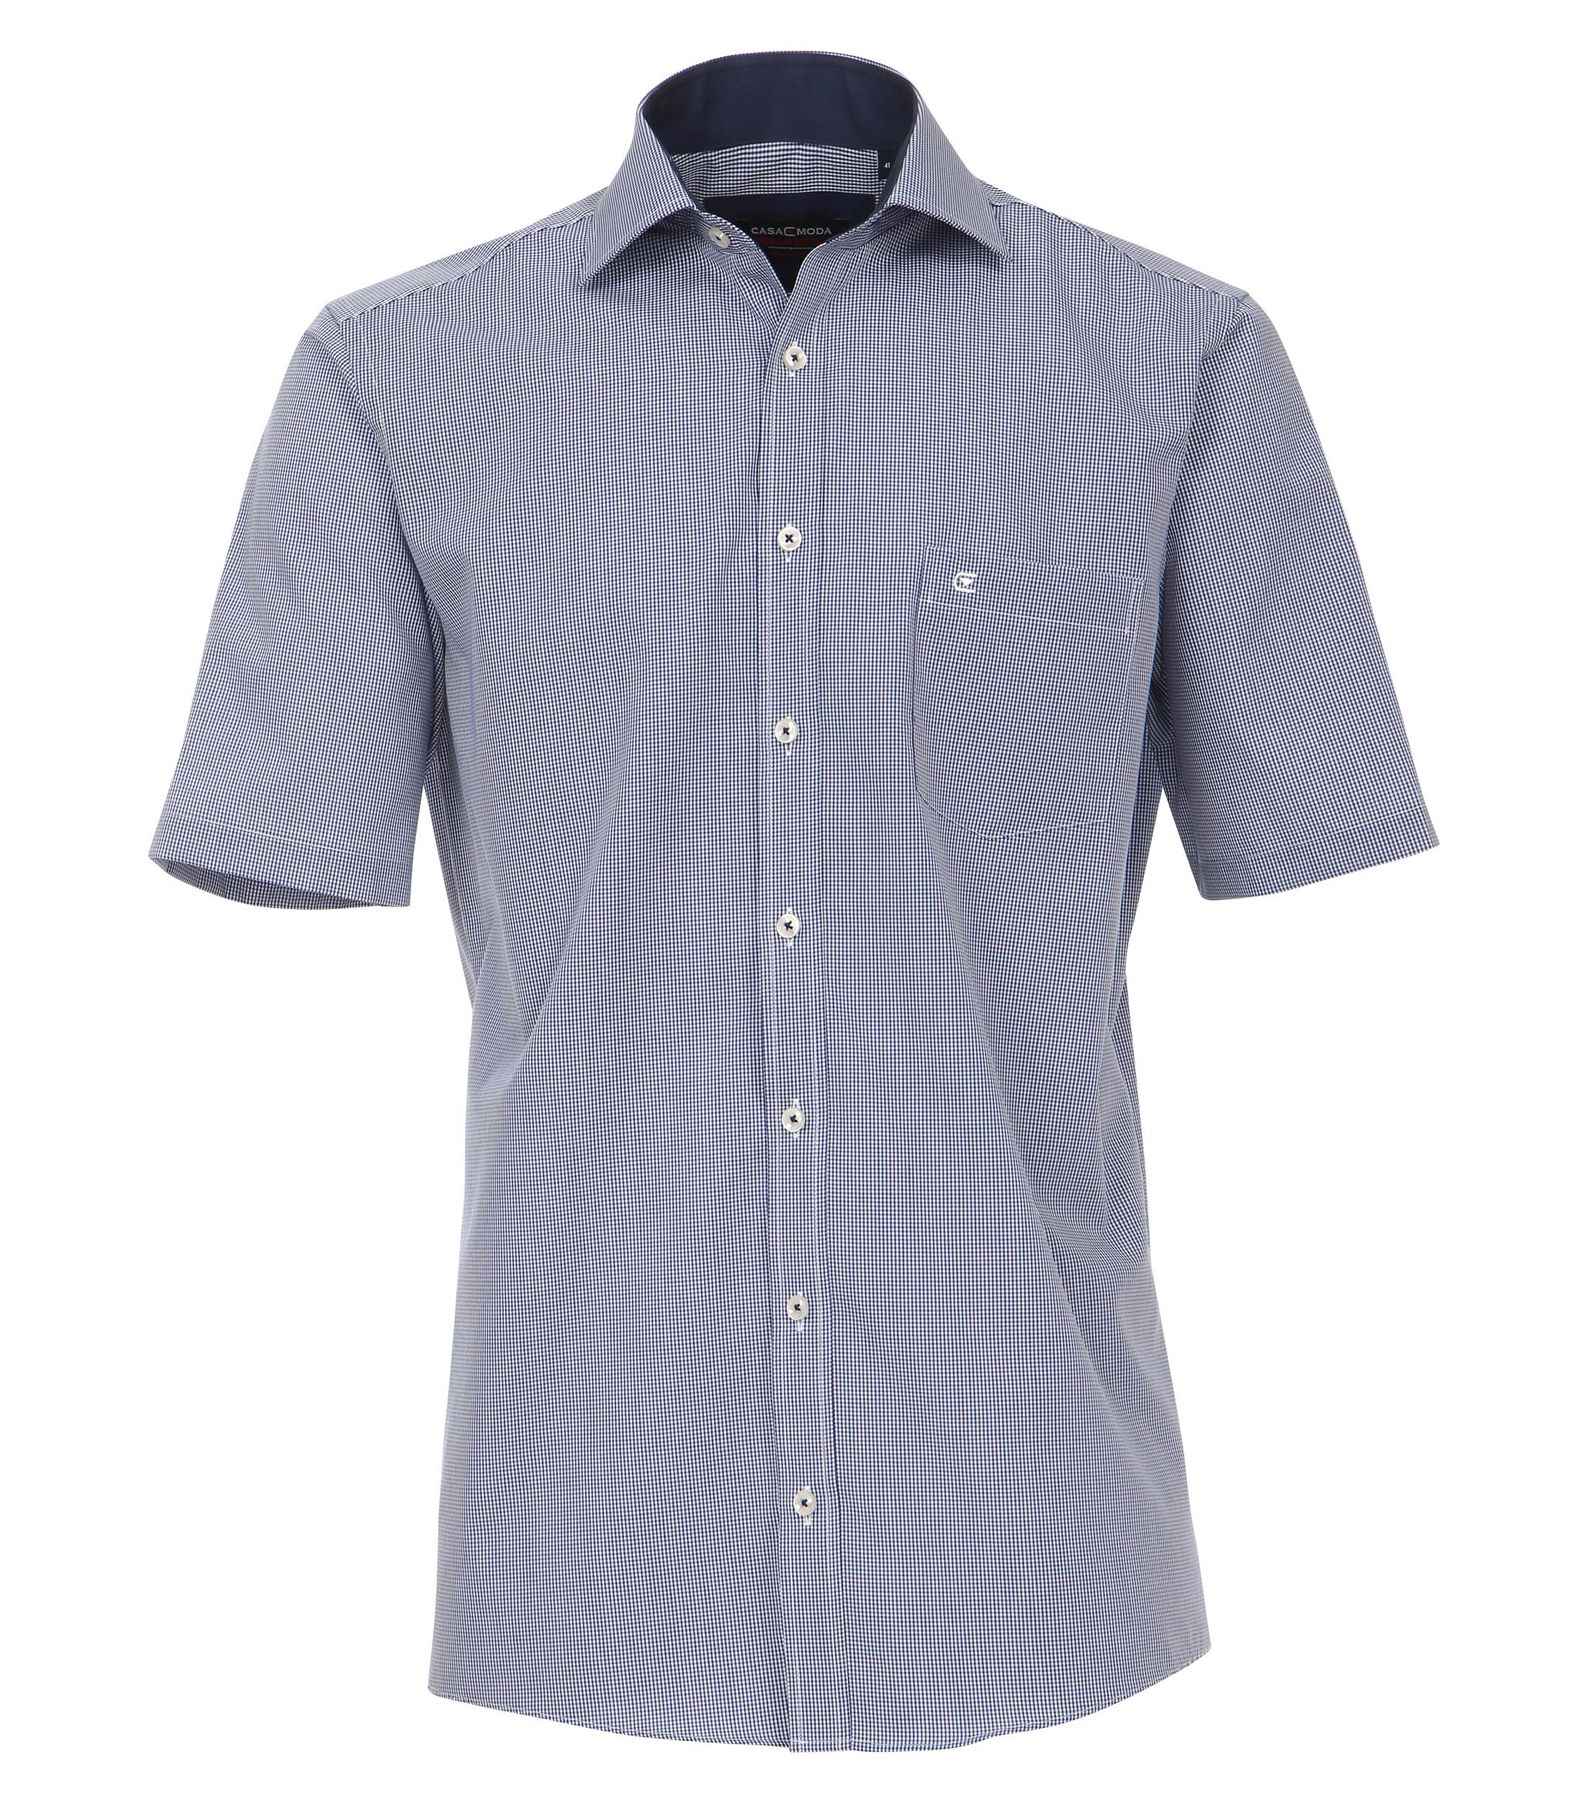 Casa Moda - Comfort Fit - Herren Karo Popeline 1/2-Arm Hemd mit Hai Kragen in Blau (008360) – Bild 5